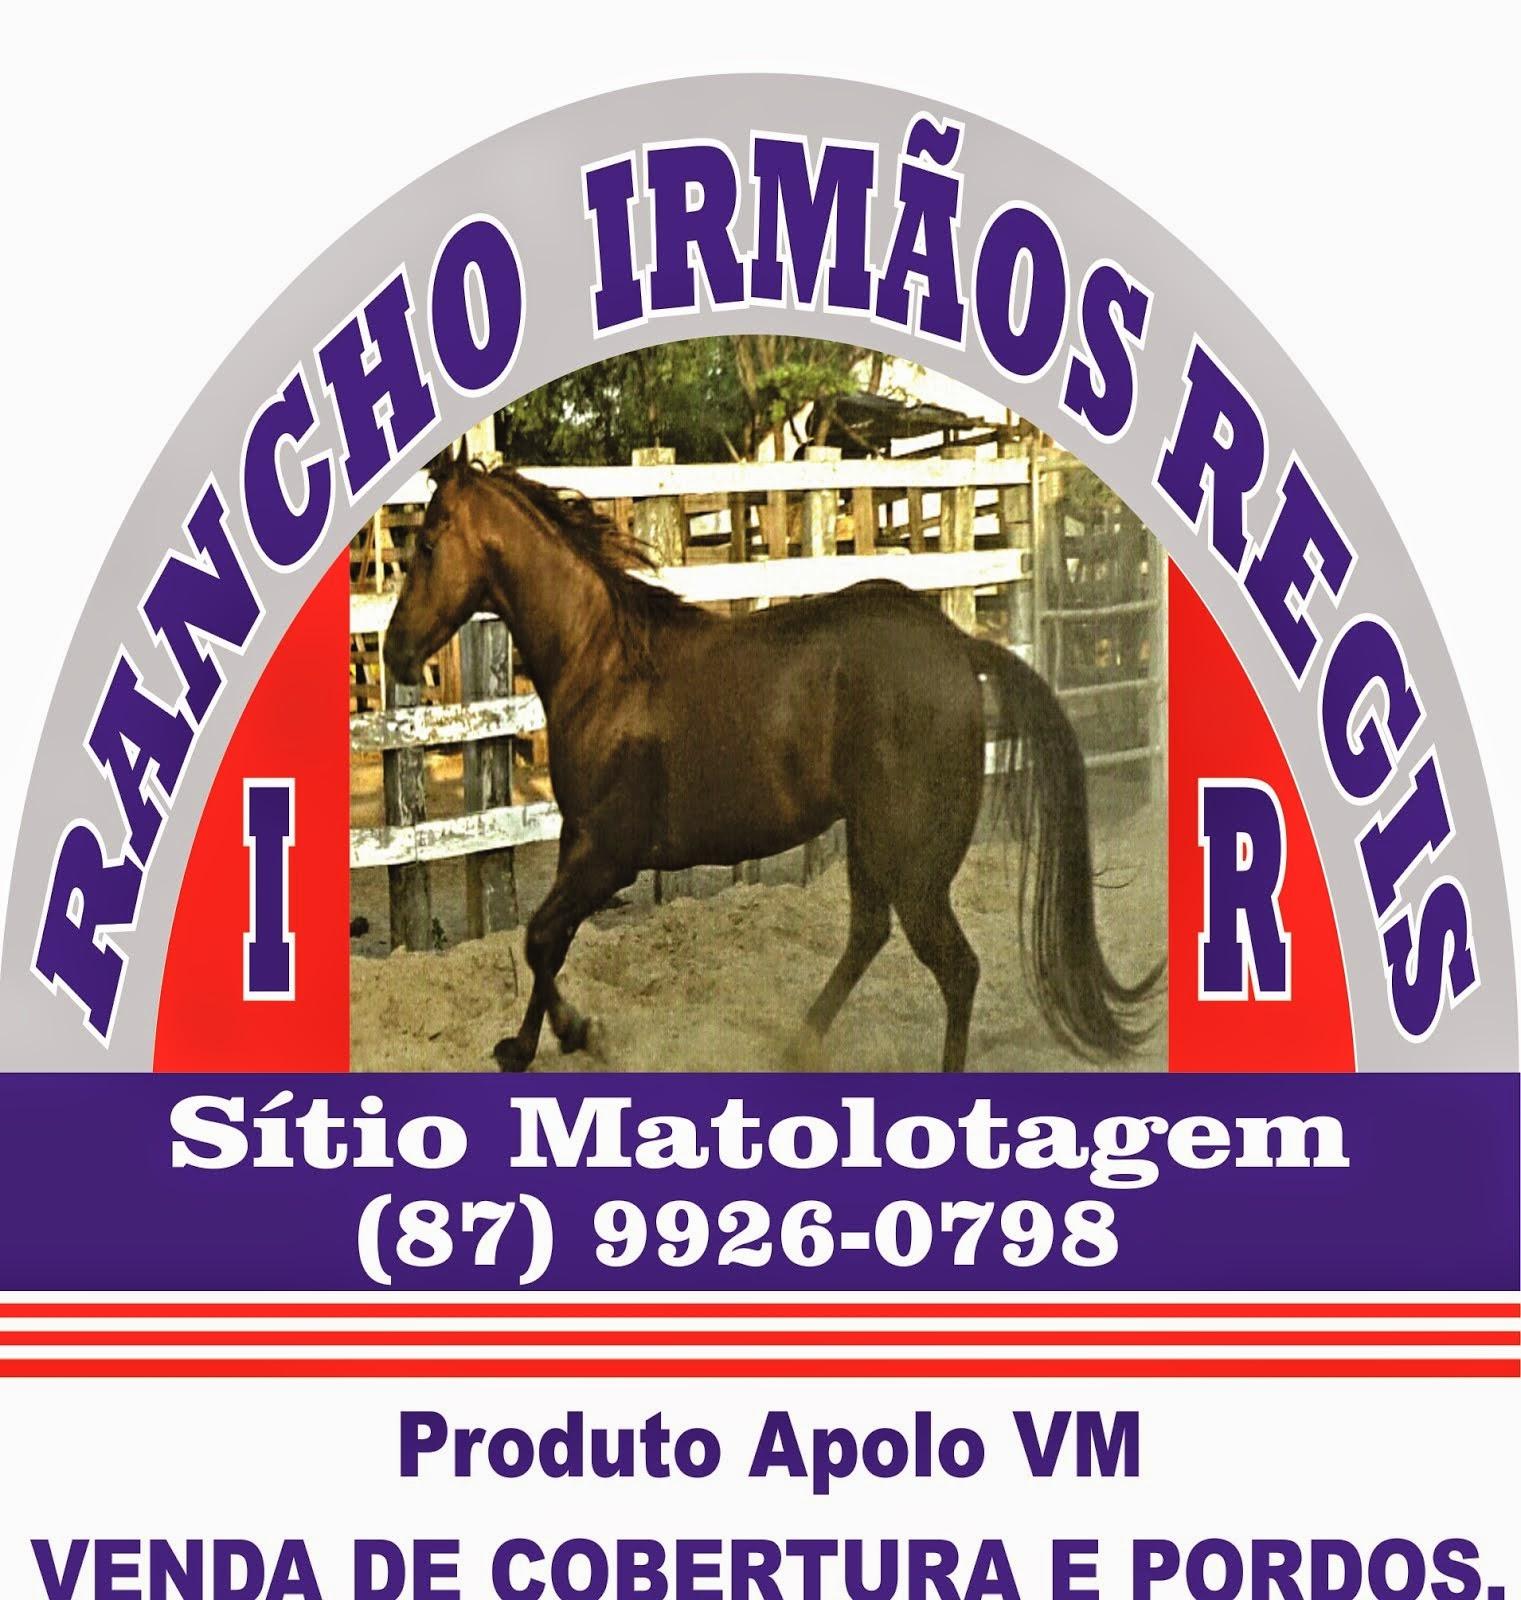 RANCHO IRMÃOS RÉGI